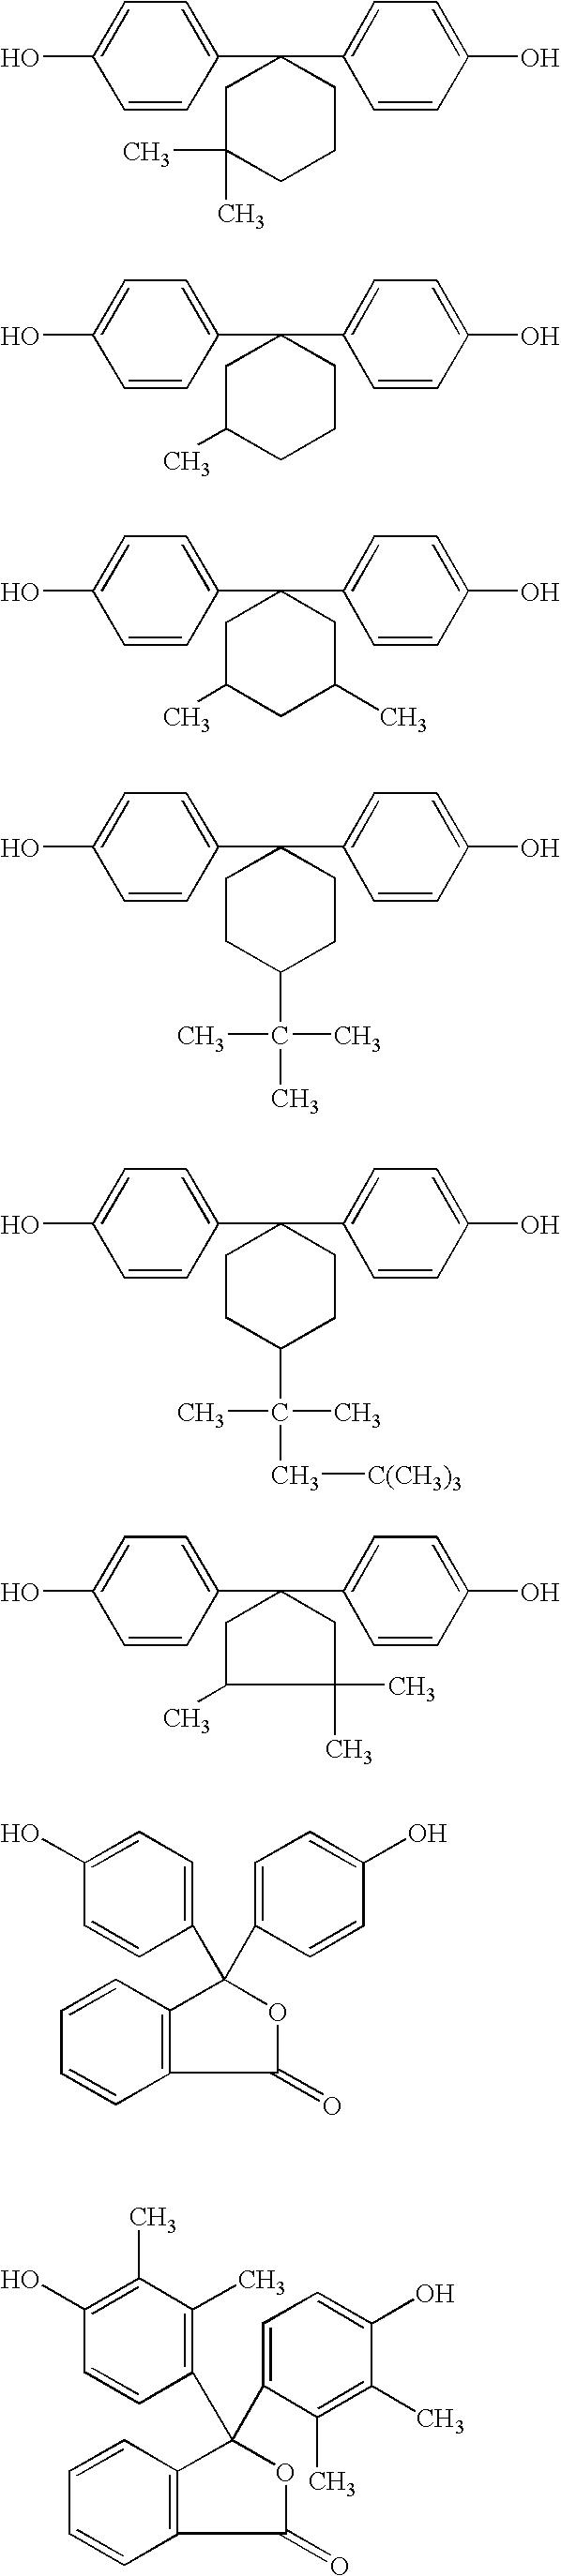 Figure US06867250-20050315-C00052